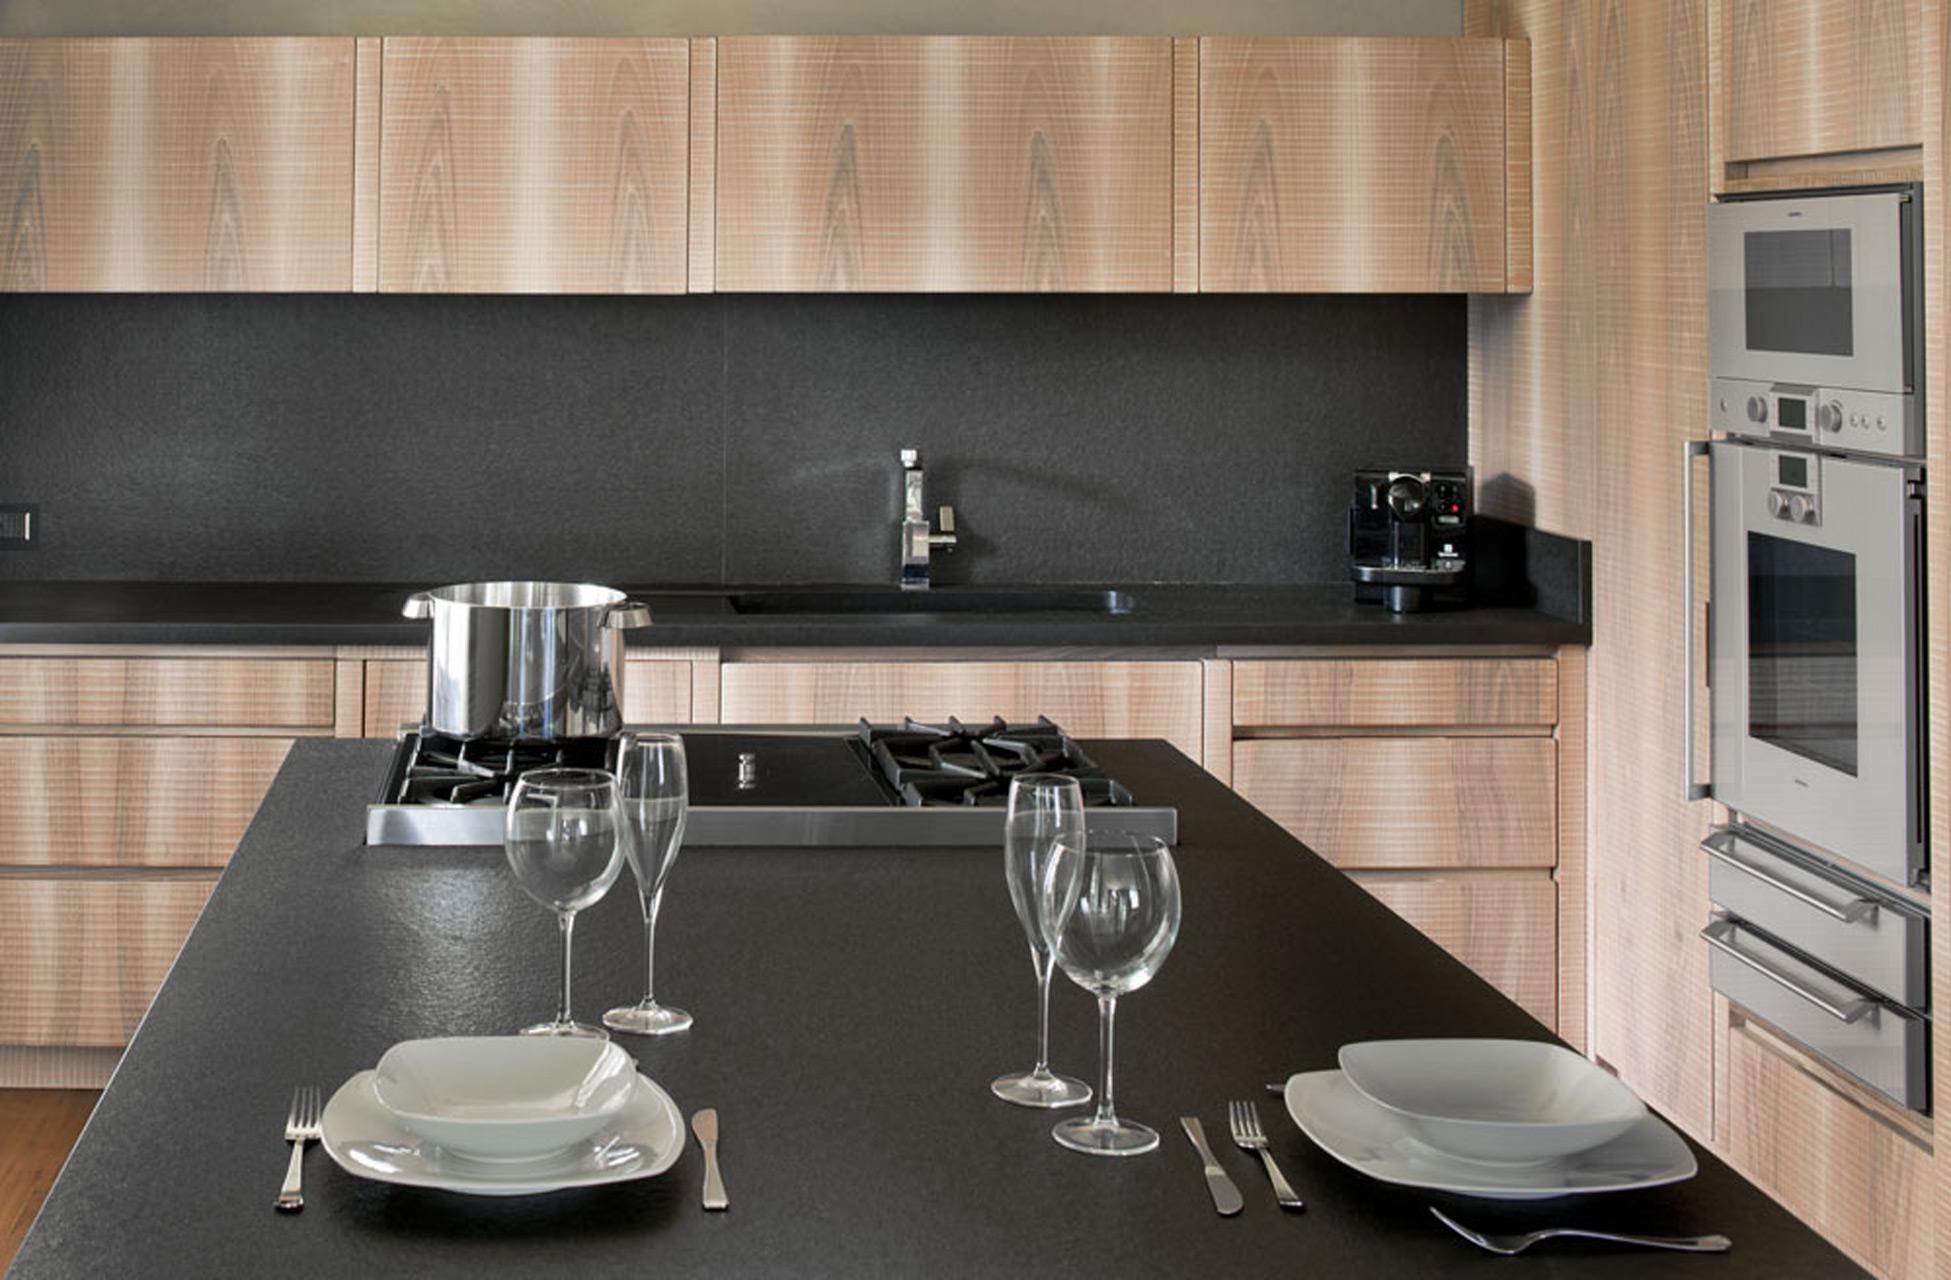 Cucina realizzata in noce nazionale con piano in granito nero assoluto.